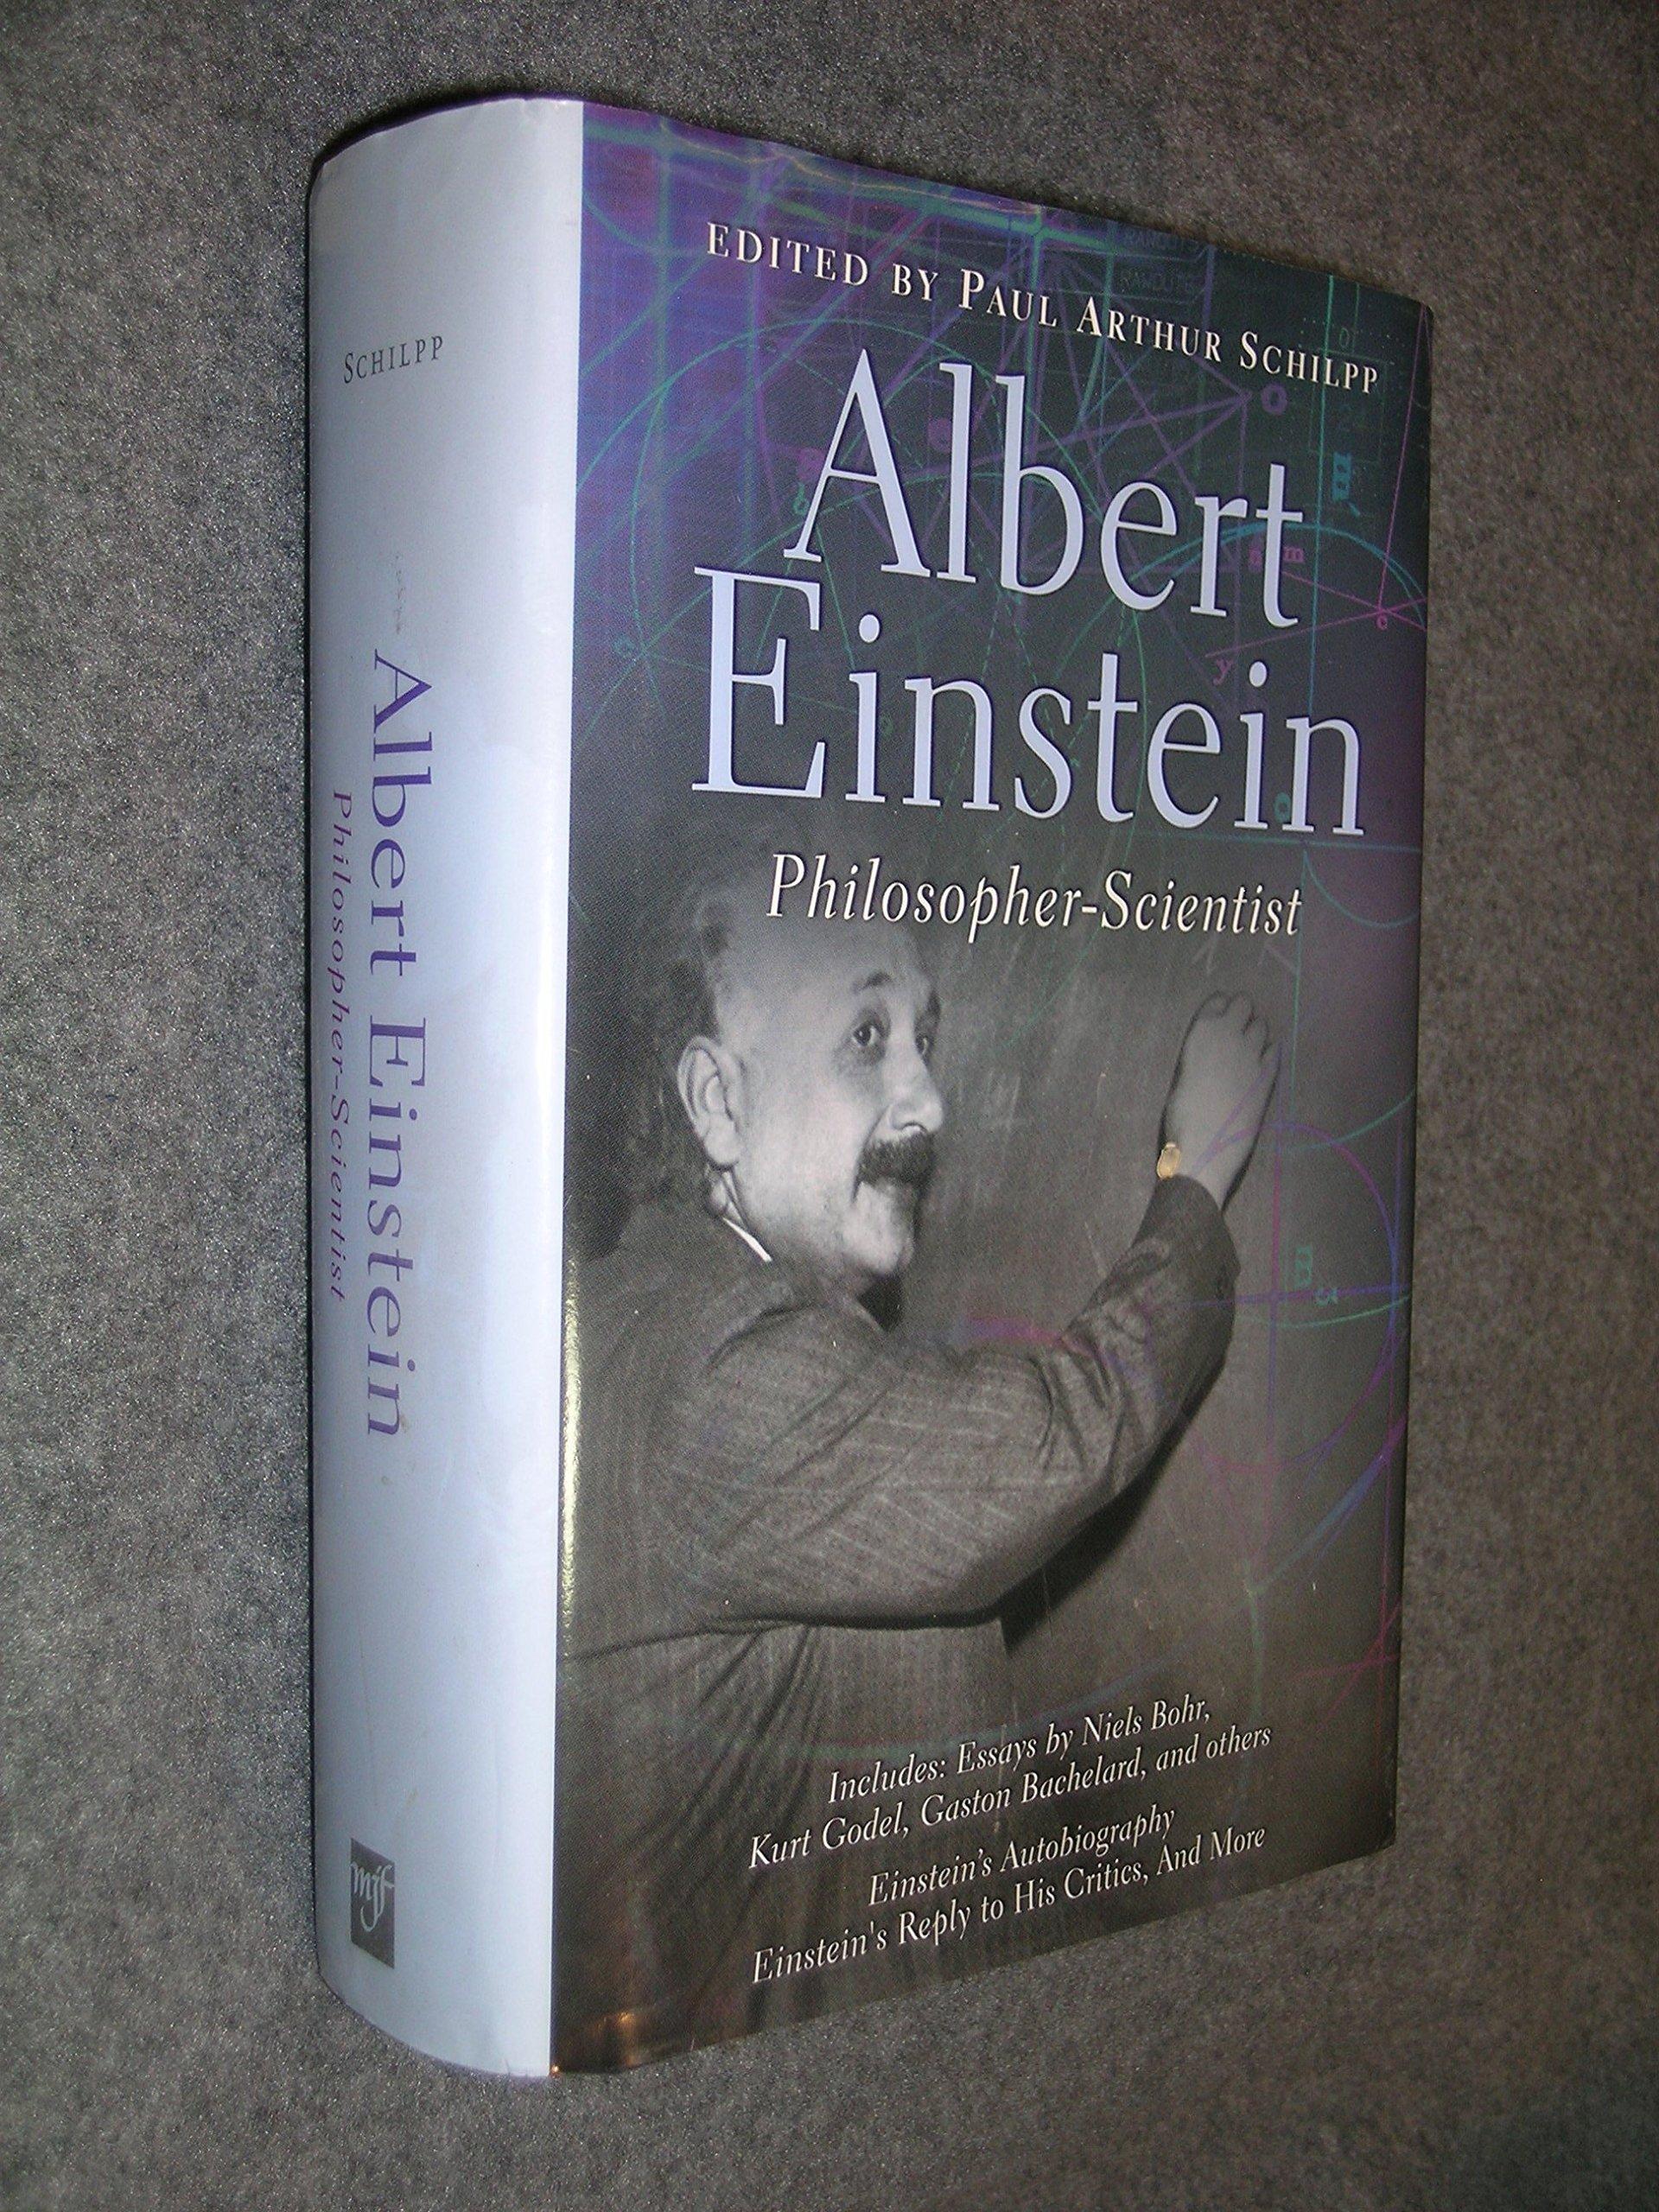 Albert Einstein: Philosopher-Scientist (Living Philosophers Volume 7) by Brand: Mjf Books